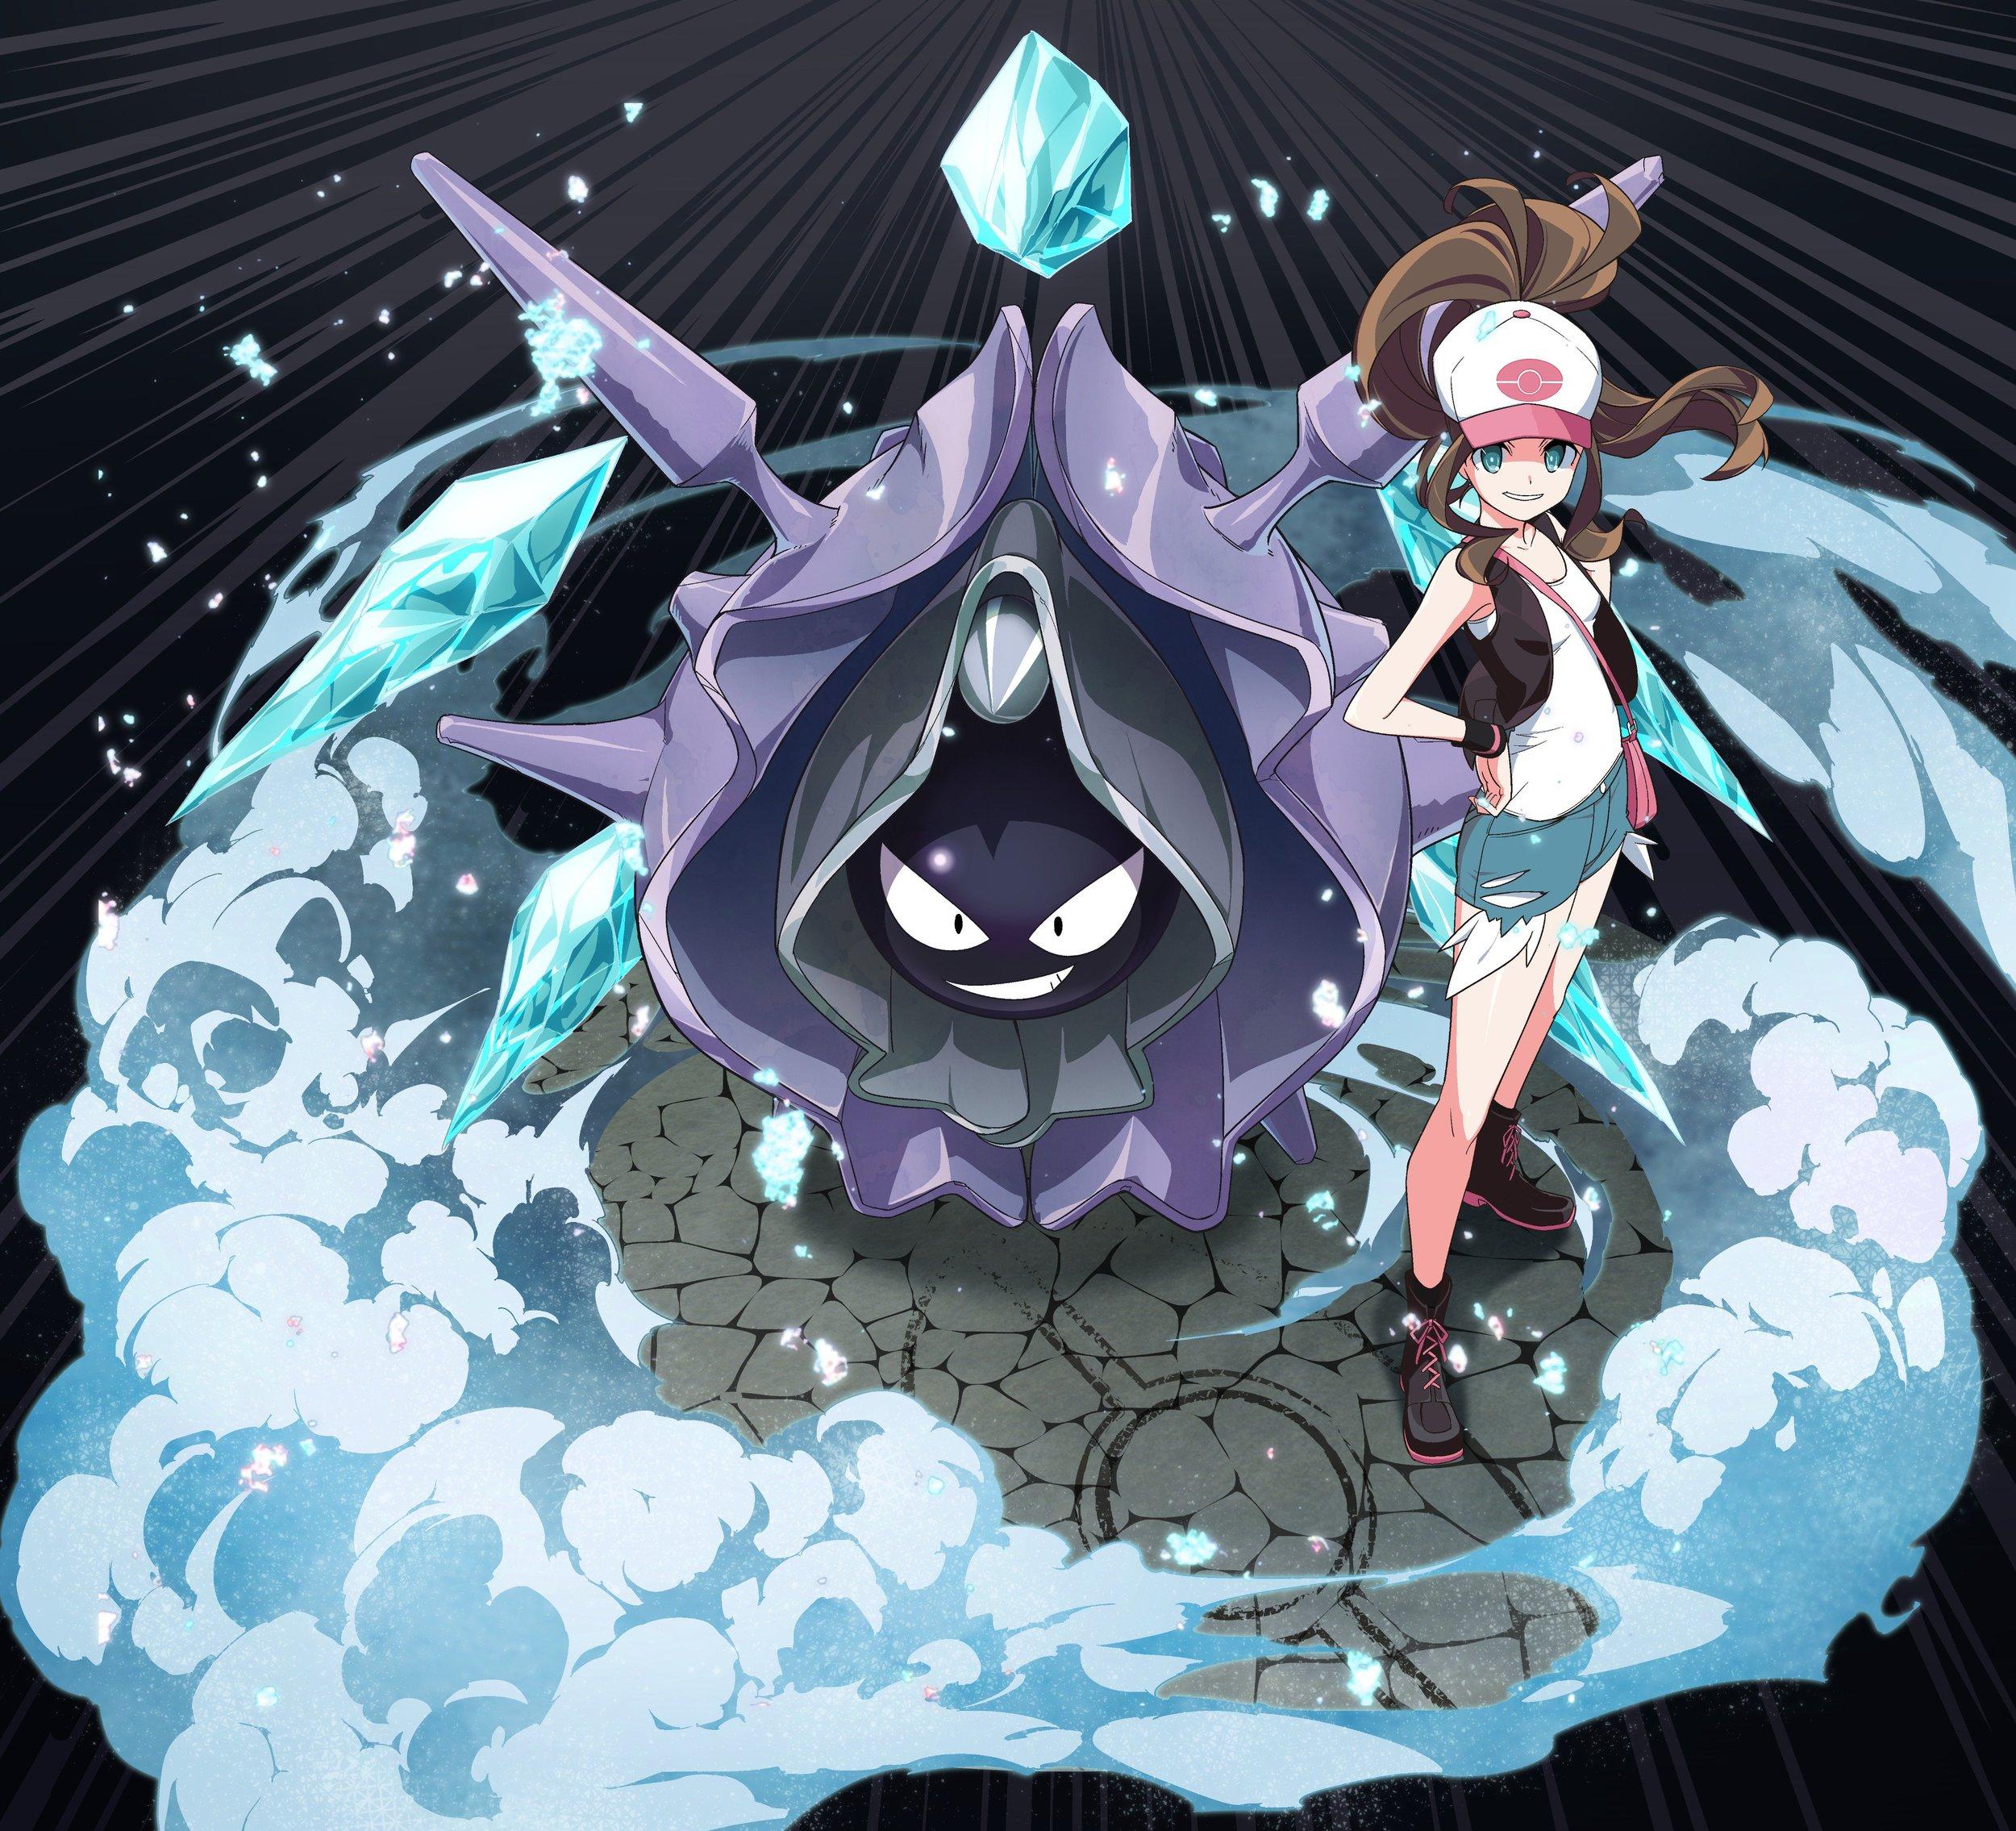 Samegarden, Pokémon Black & White, Pokémon, Cloyster, Touko (Pokémon), Fanart, Twitter